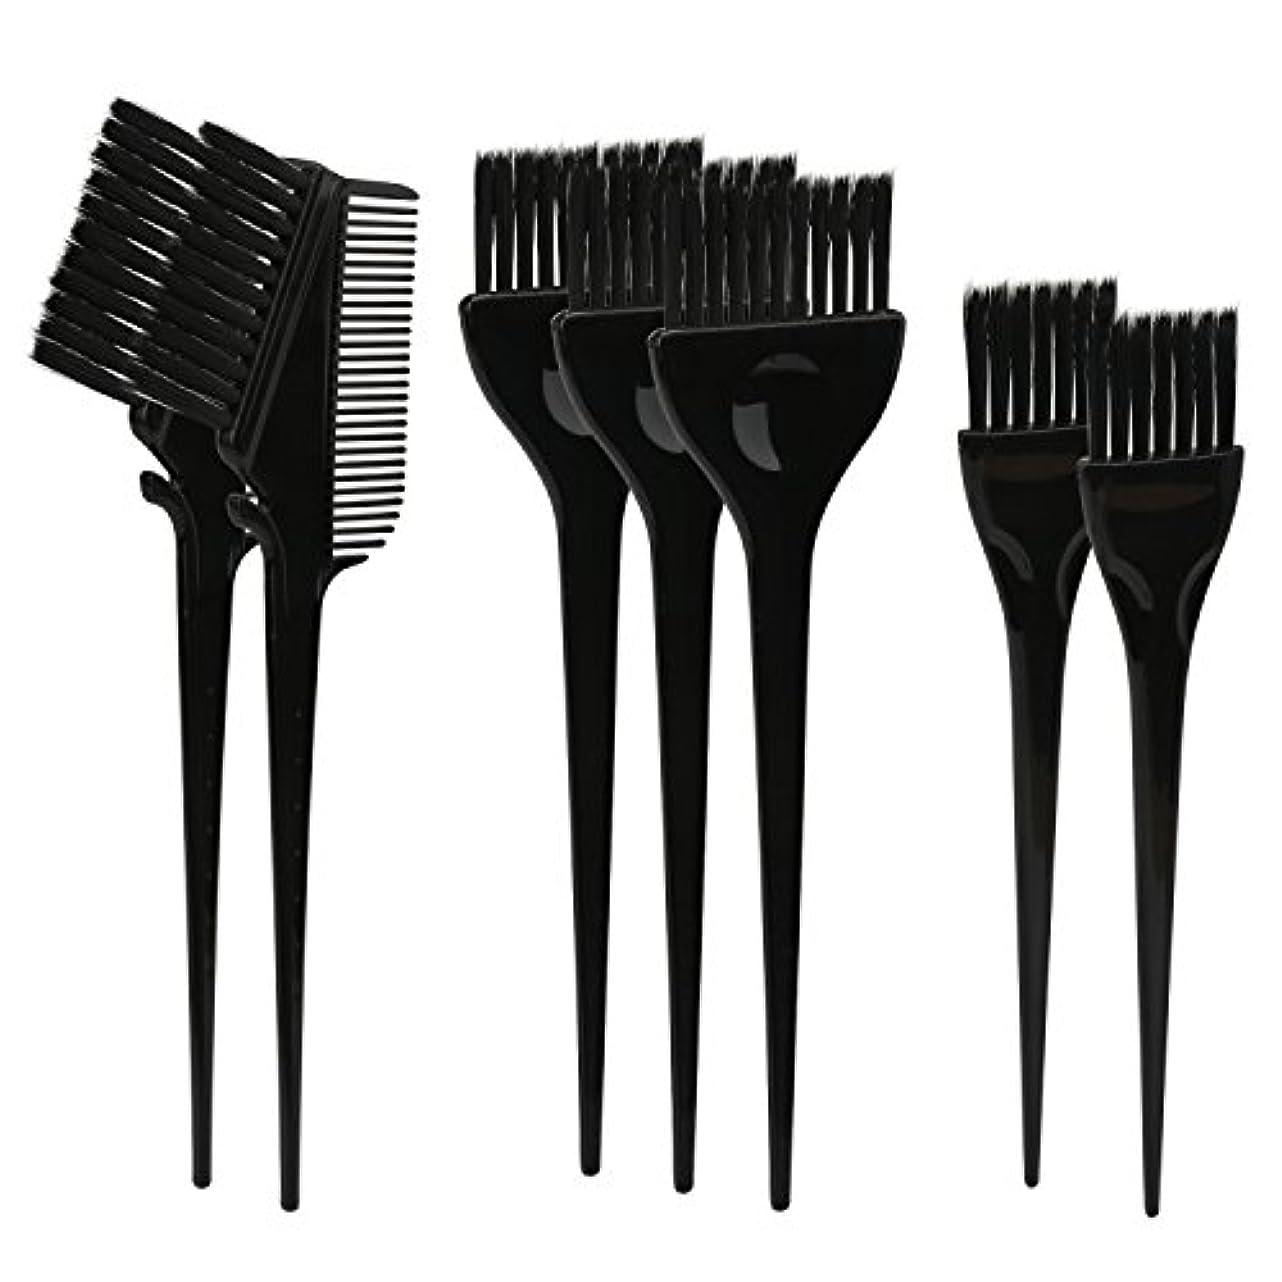 葉巻哀れな農業のSegbeauty ヘアカラー DIY プロ髪染め用のブラシ 7pcs 美髪師用 サロン工具セット